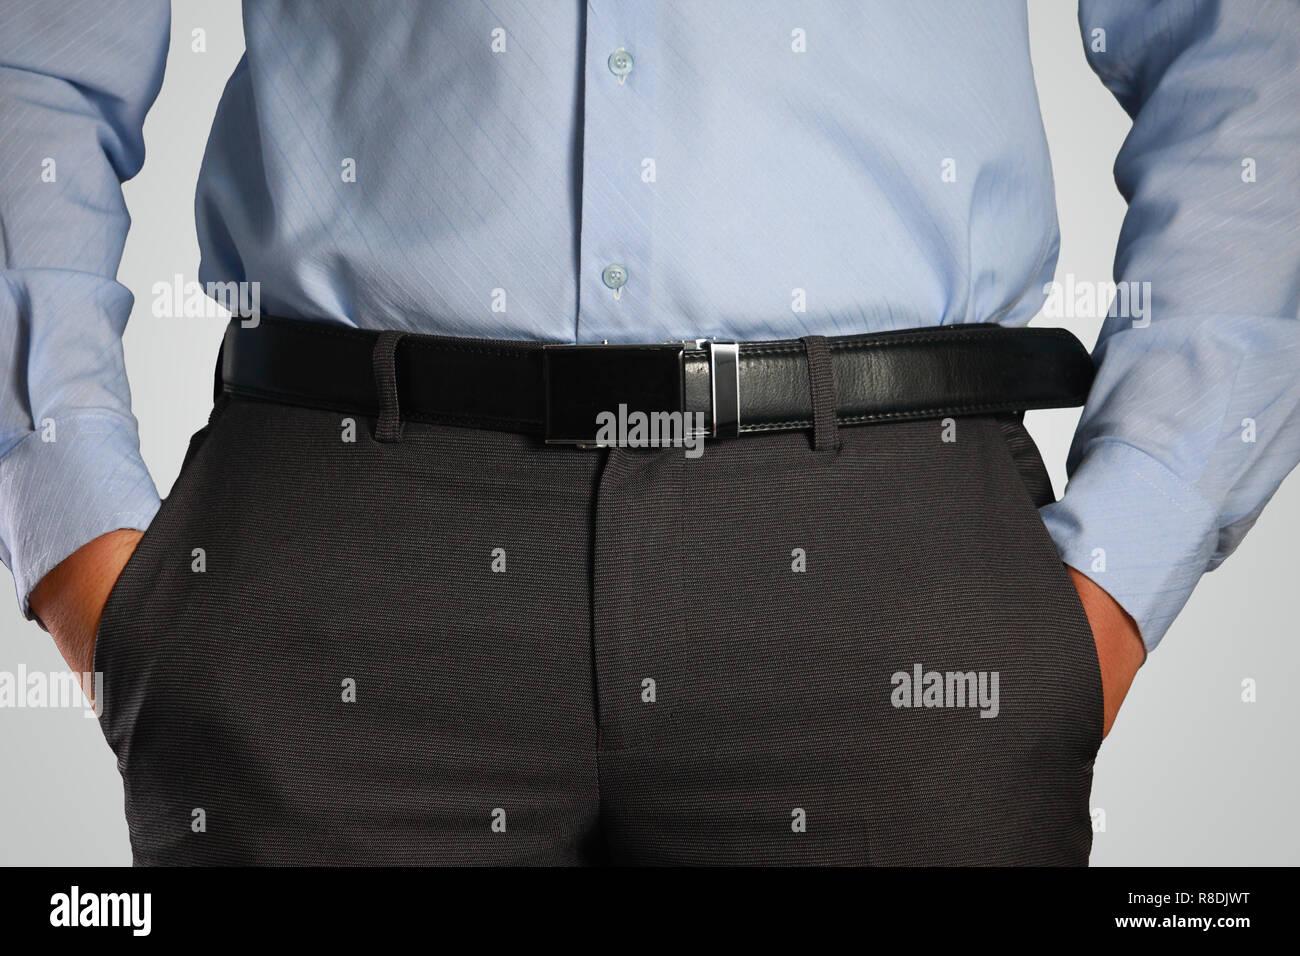 chemise bleue poches pantalon noir